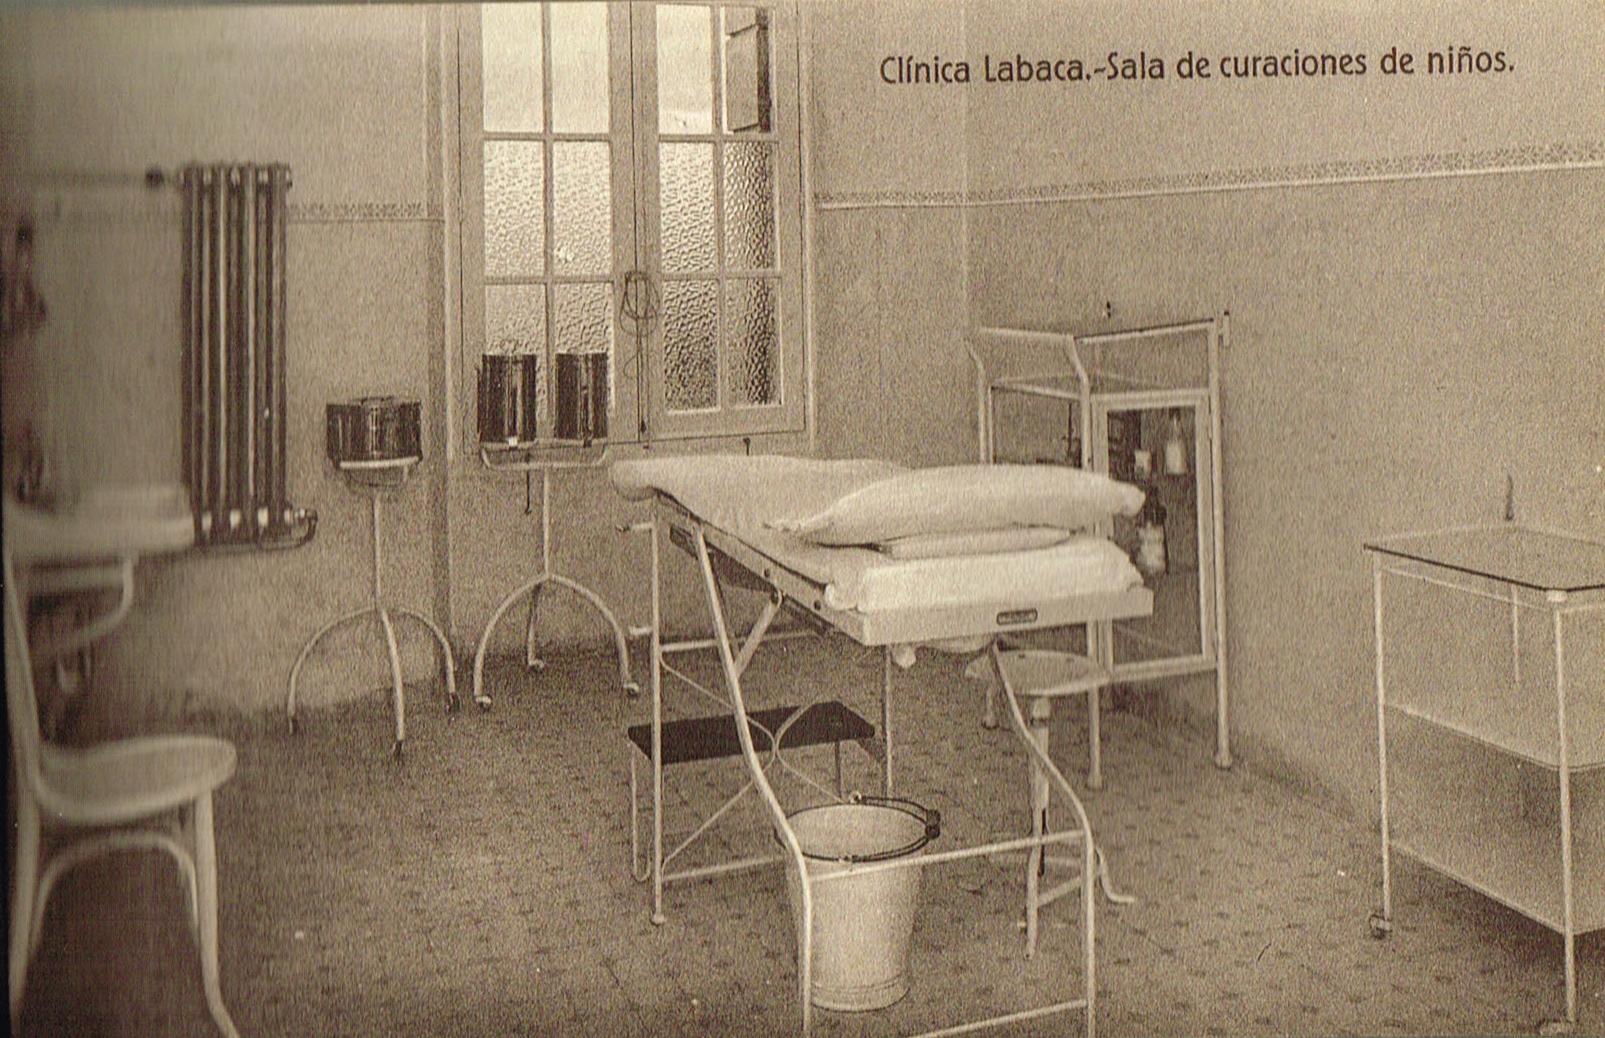 Clínica Labaca, sala de curaciones de niños